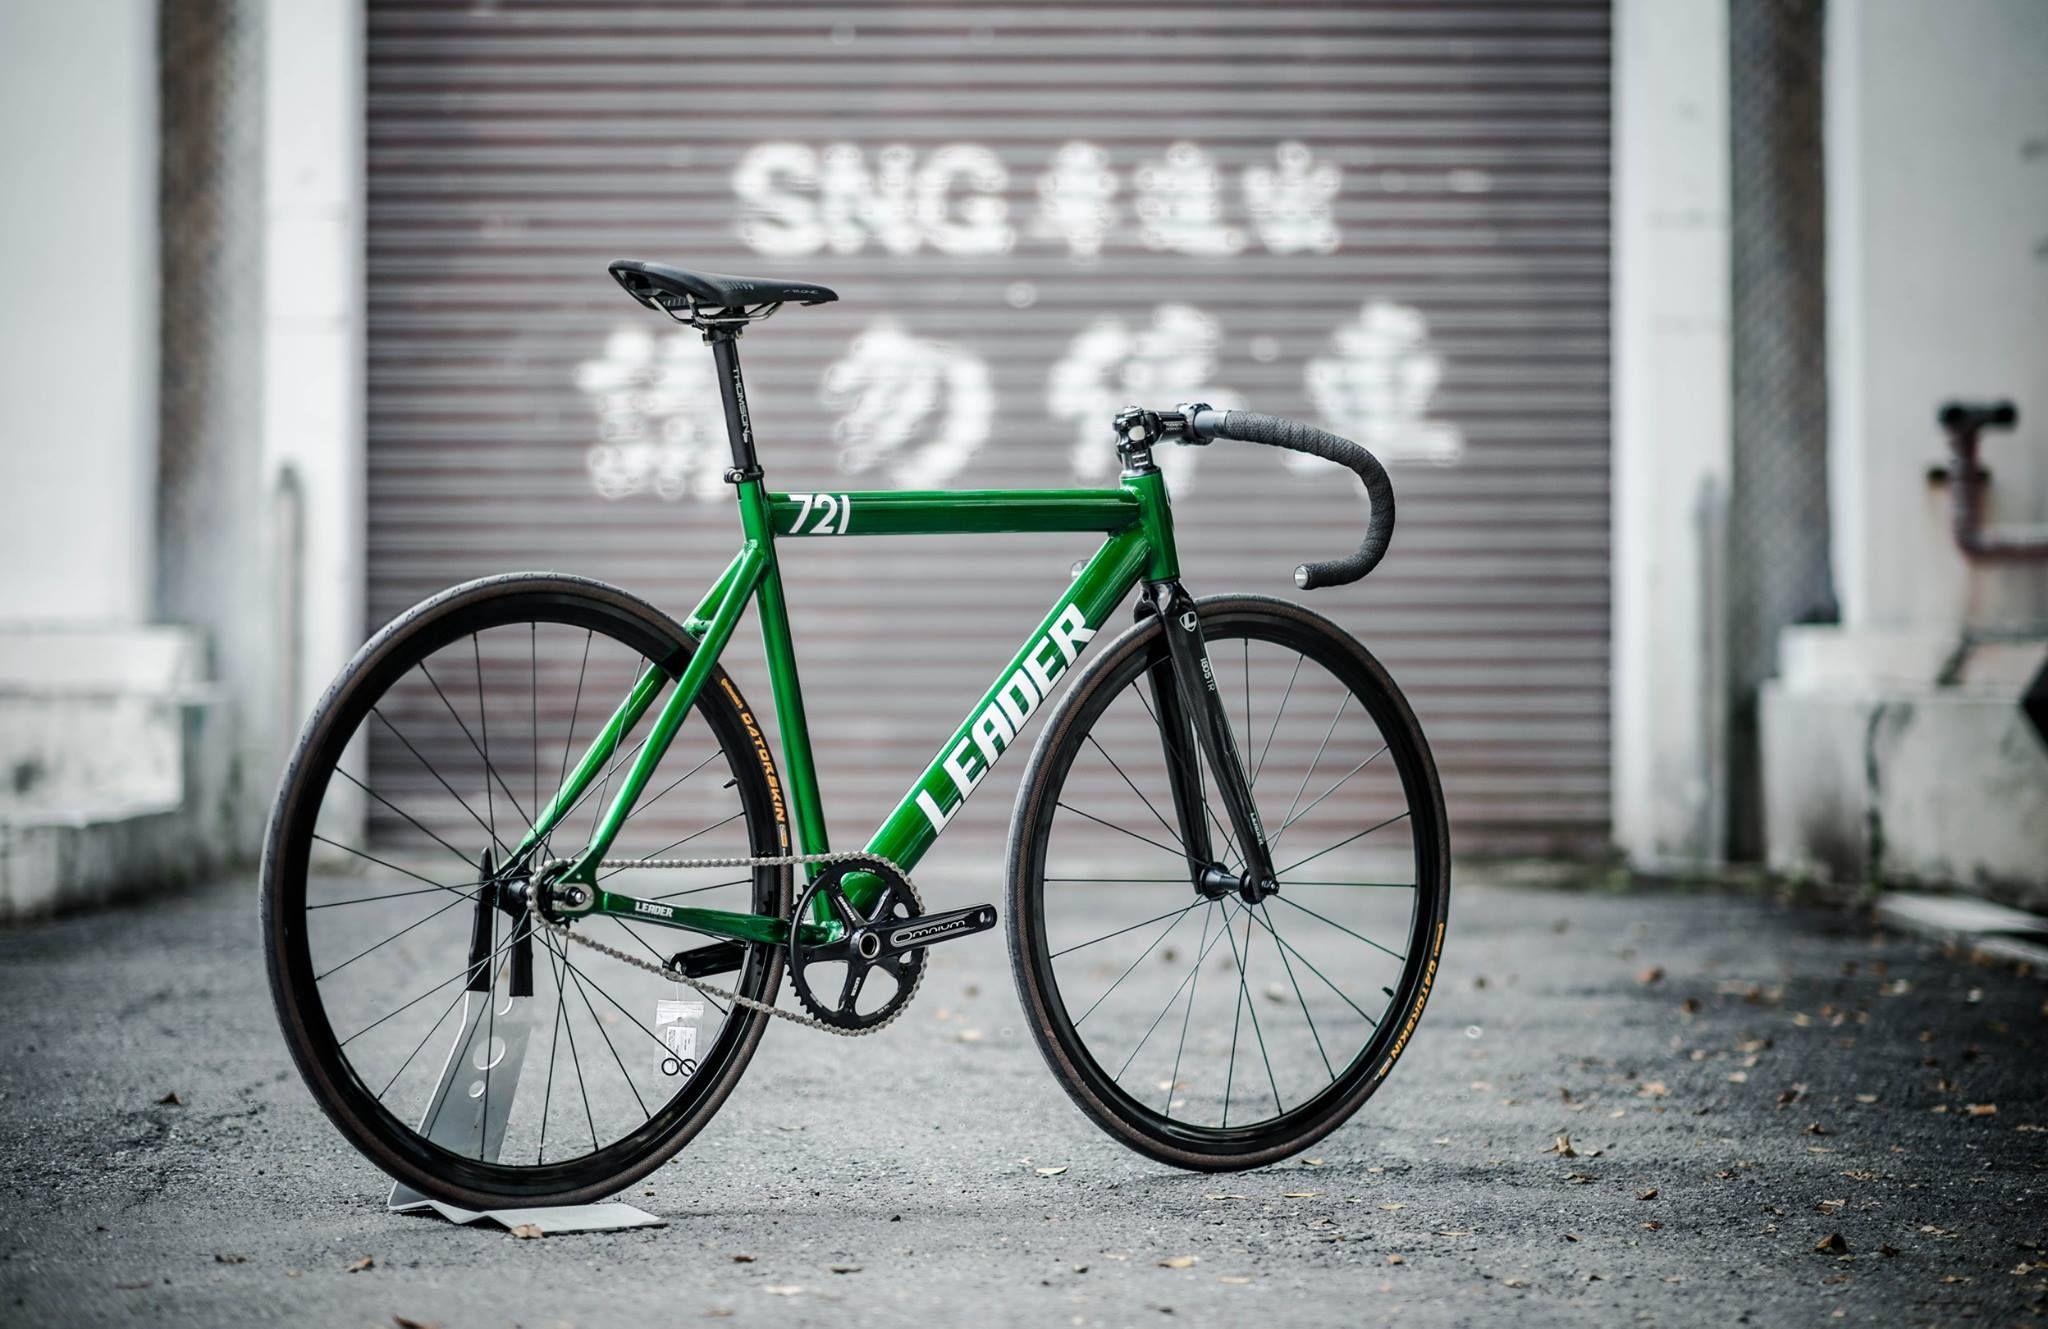 Leader 721 Fixie / Singlespeed   - Bici -   Pinterest   Rennrad und ...